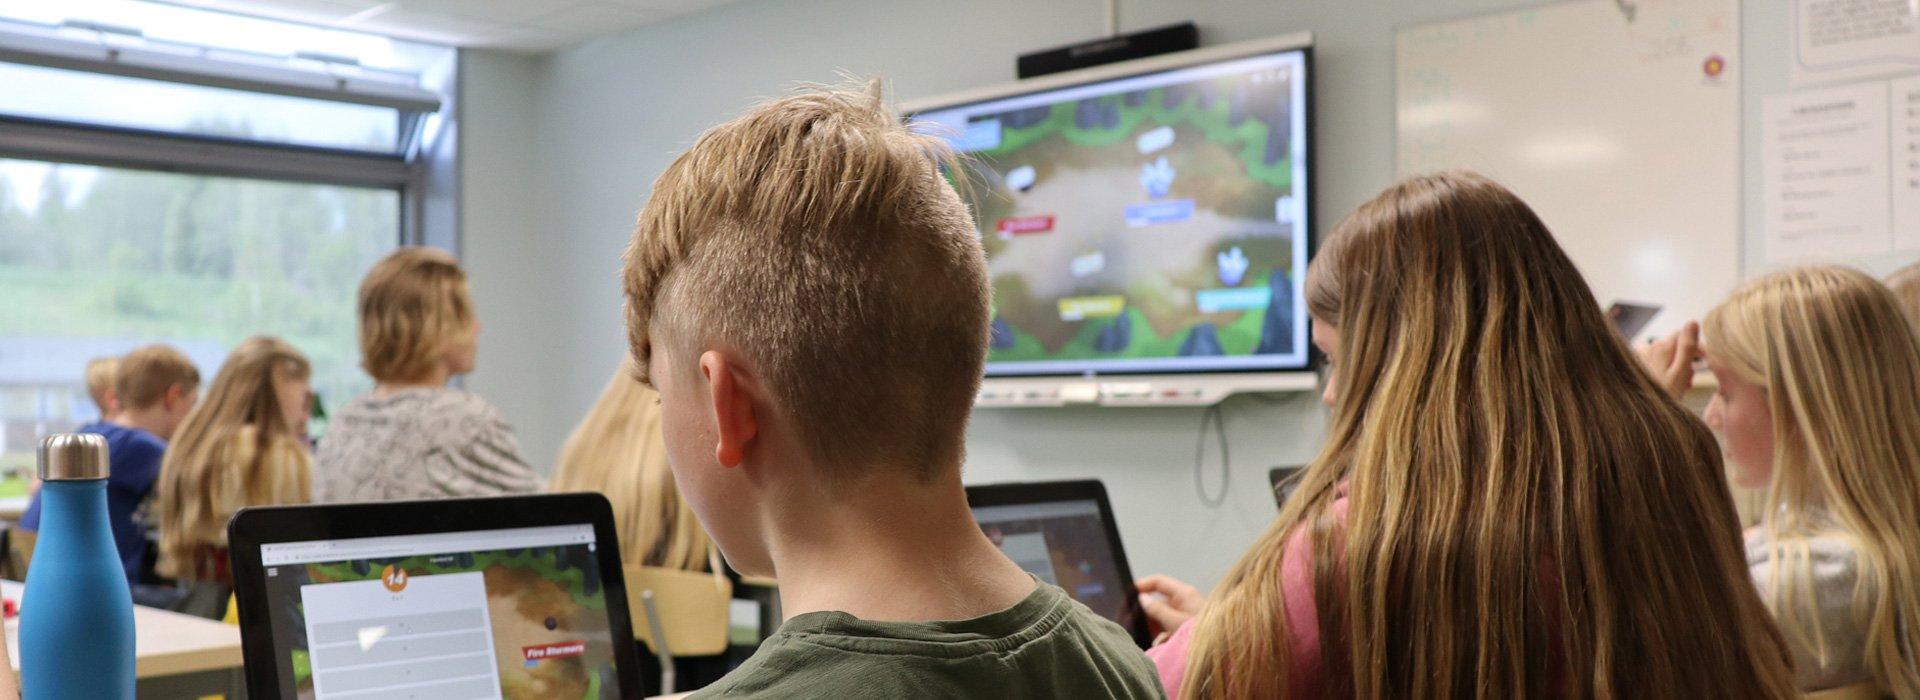 Smart Board interaktiv klasseromsskjerm